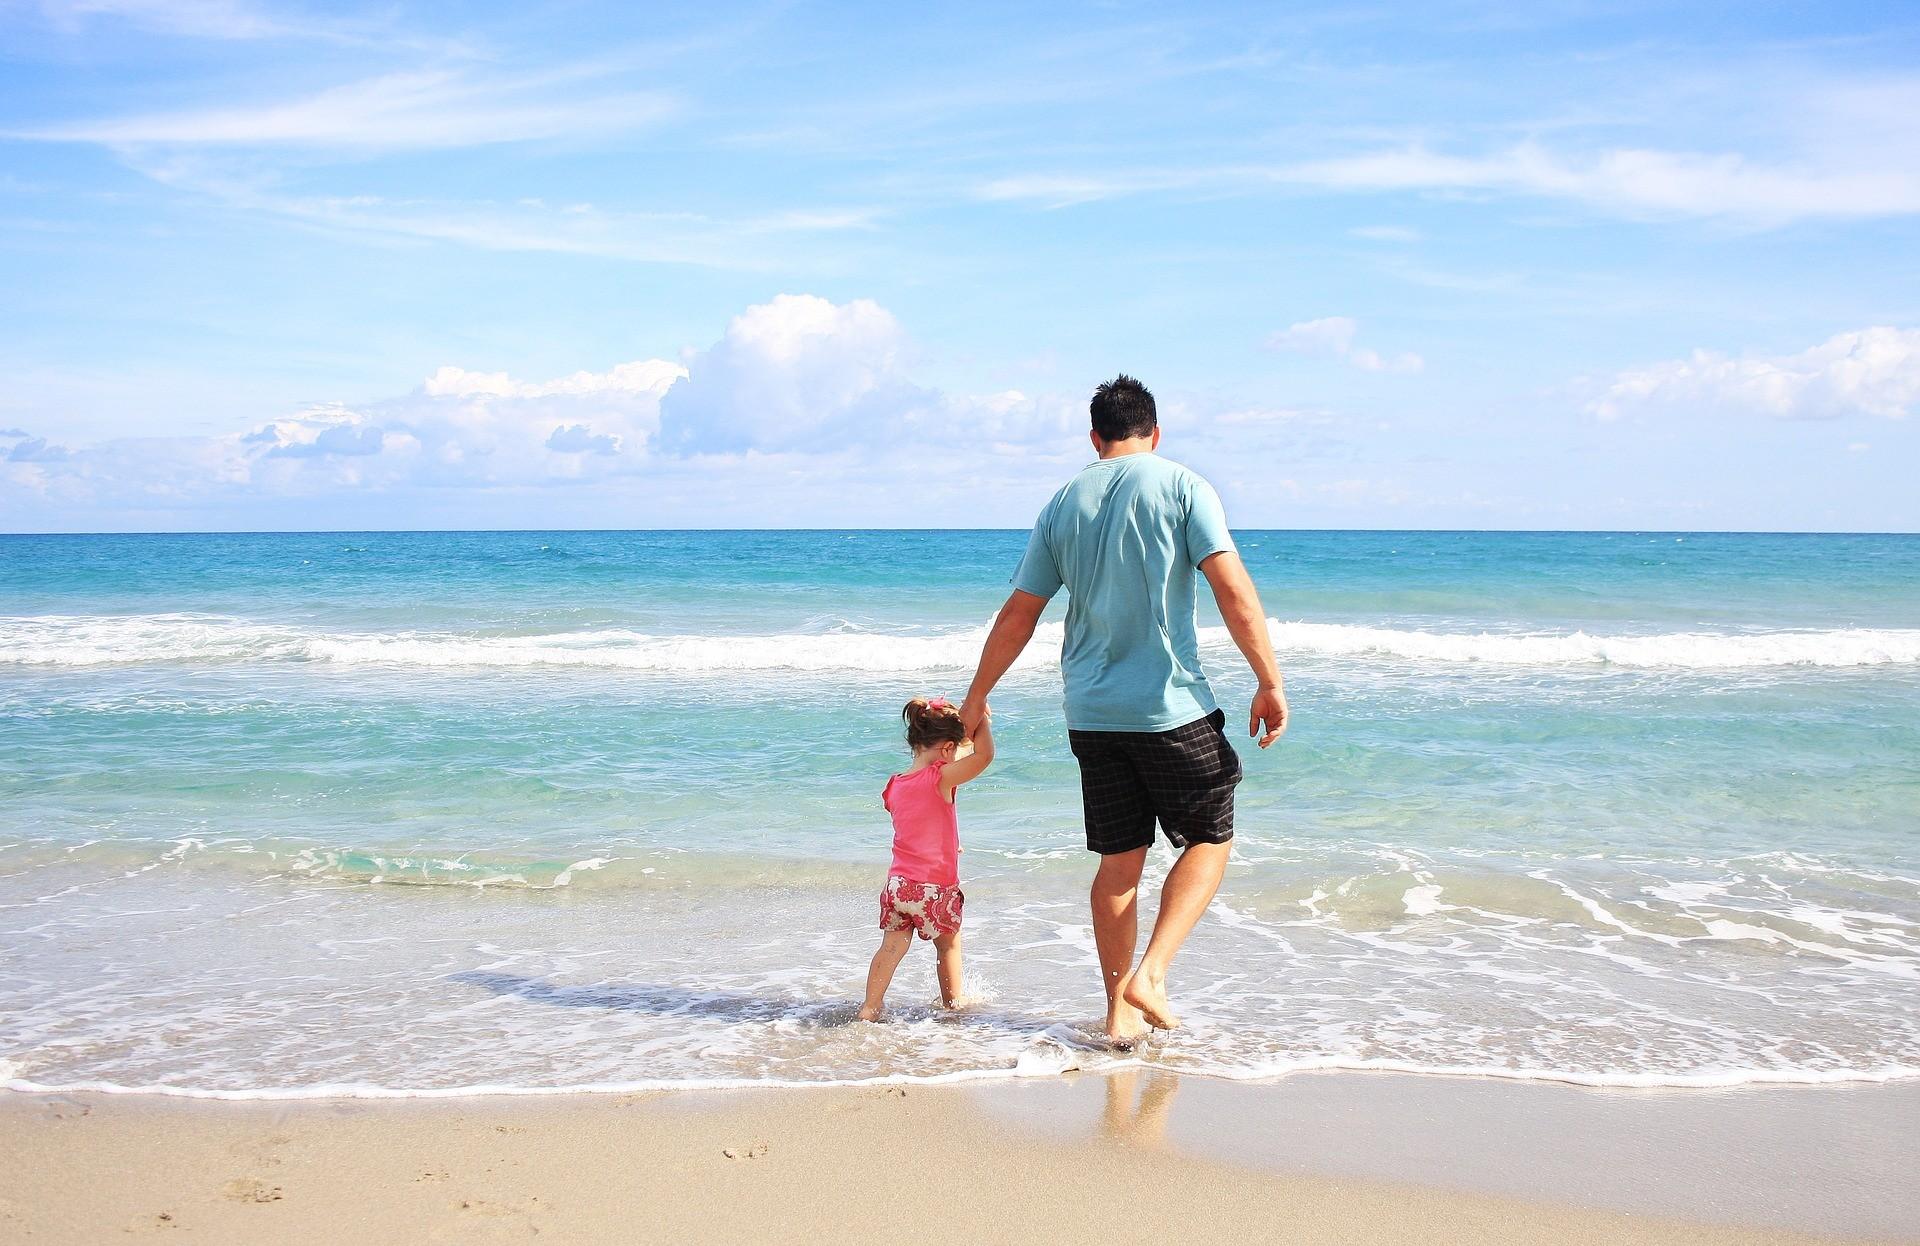 ▲▼父子,父女,親子,家庭,家人,爸爸,父親,小孩,孩童,兒子。(圖/取自pixabay)